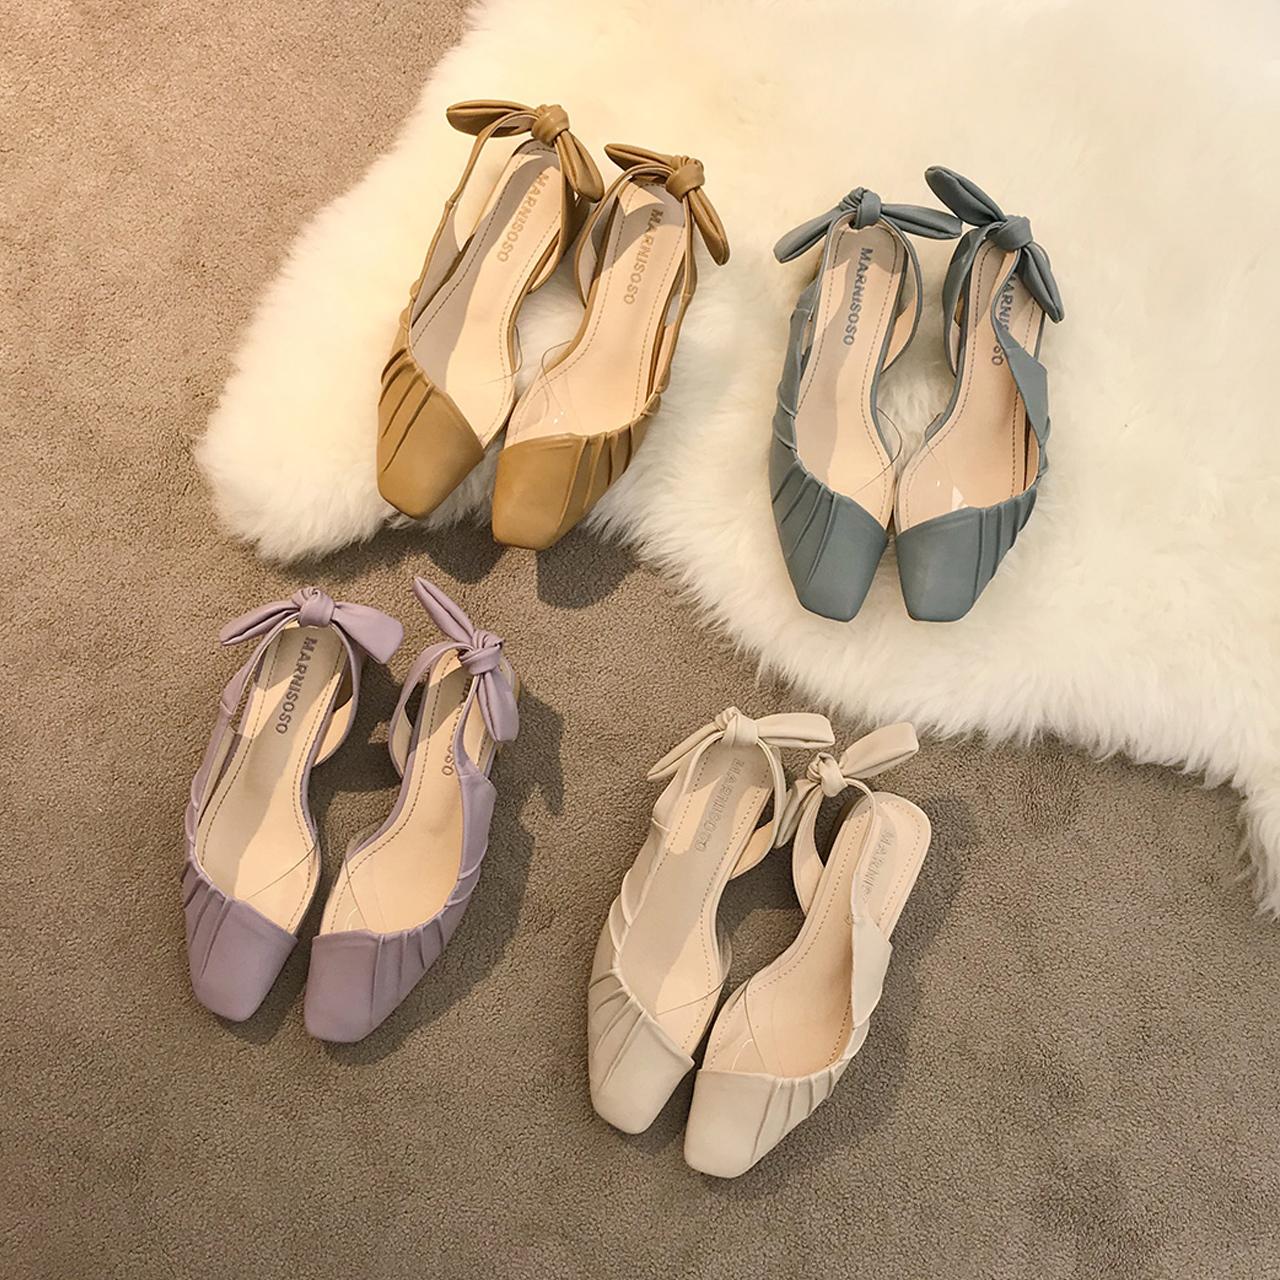 紫色凉鞋 紫色凉鞋女中跟夏季百搭仙女蝴蝶结后绑带侧空褶皱软皮粗跟奶奶鞋_推荐淘宝好看的紫色凉鞋